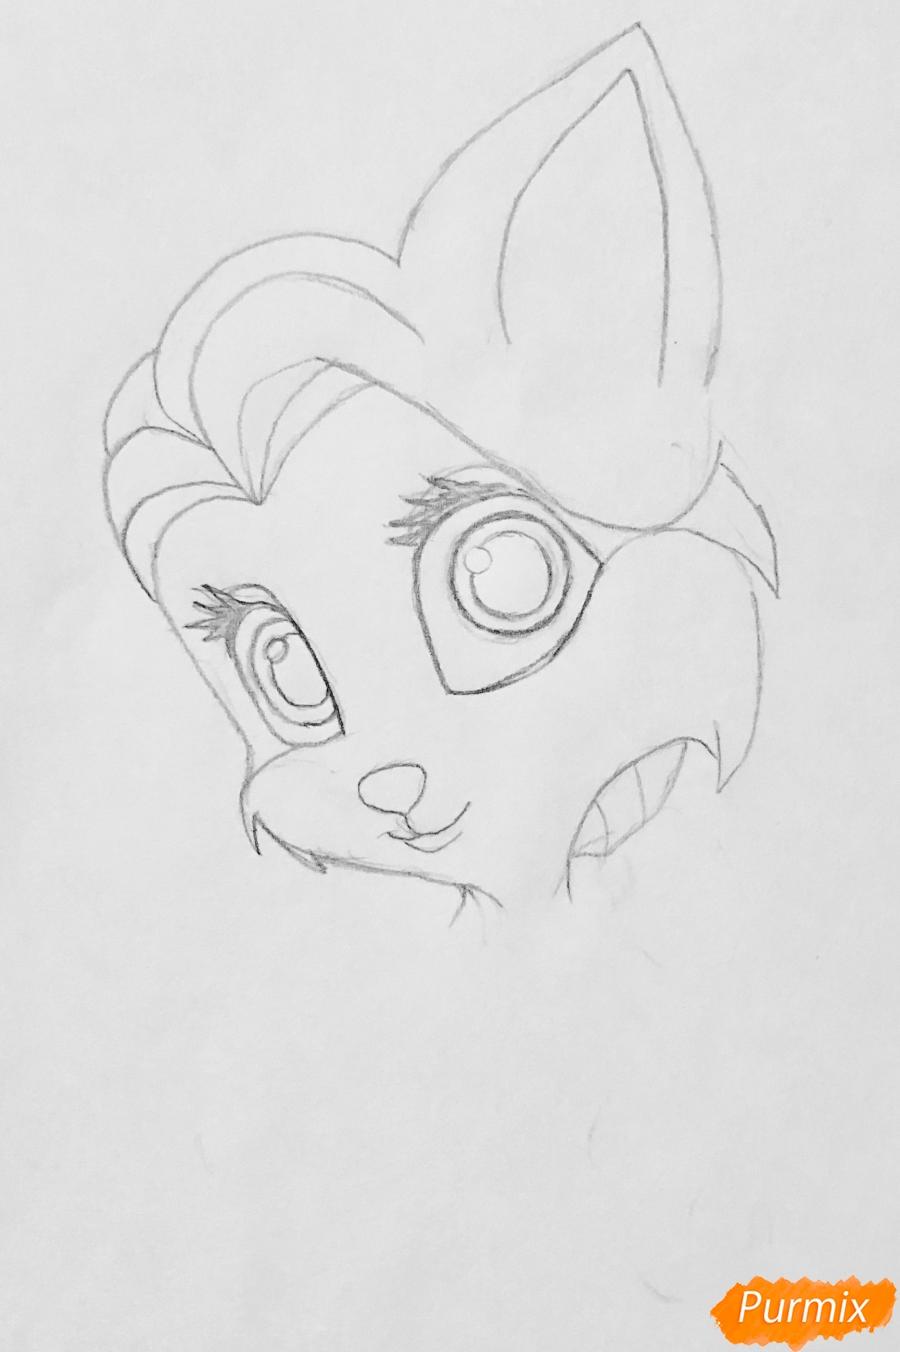 Рисуем кошечку Саммер питомца Рапунцель из мультфильма Palace Pets - фото 3